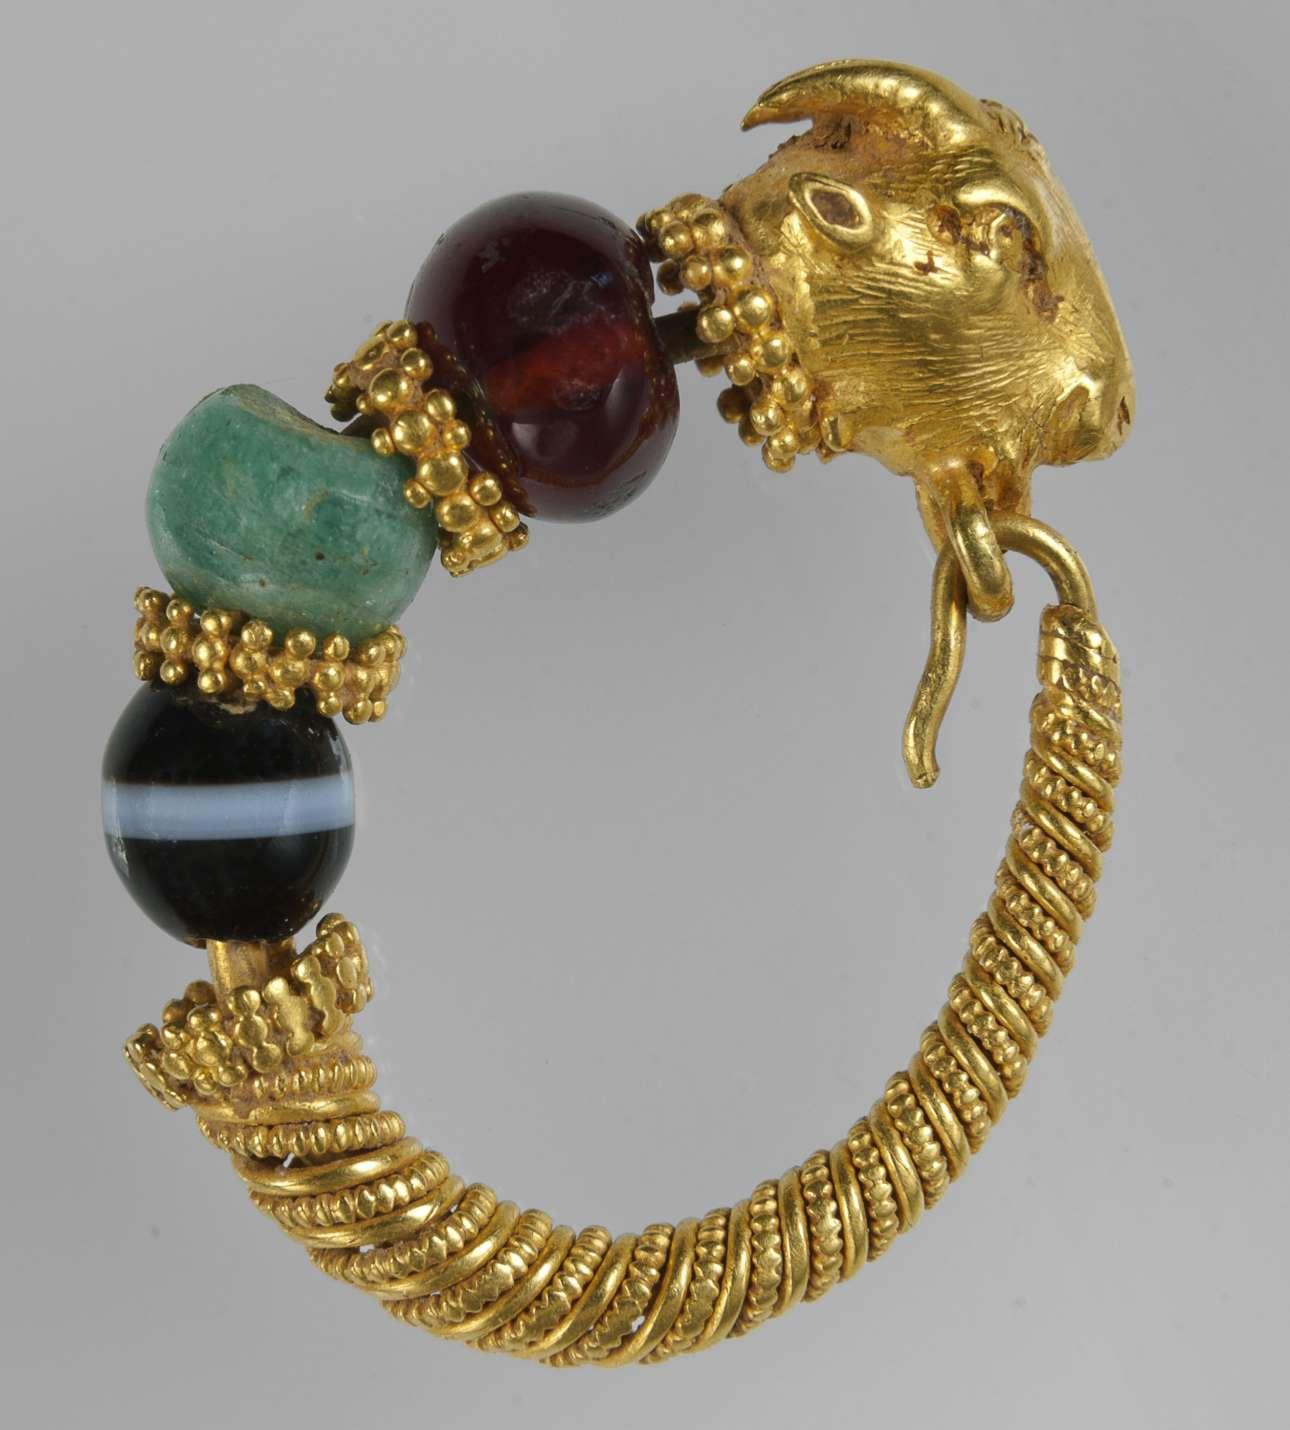 Χρυσό ενώτιο με κεφαλή τράγου από τη Θεσσαλία (2ος-1ος αι. π.Χ.)  (© ΕΑΜ/ΤΑΠ. Σ. Μαυρομμάτης)